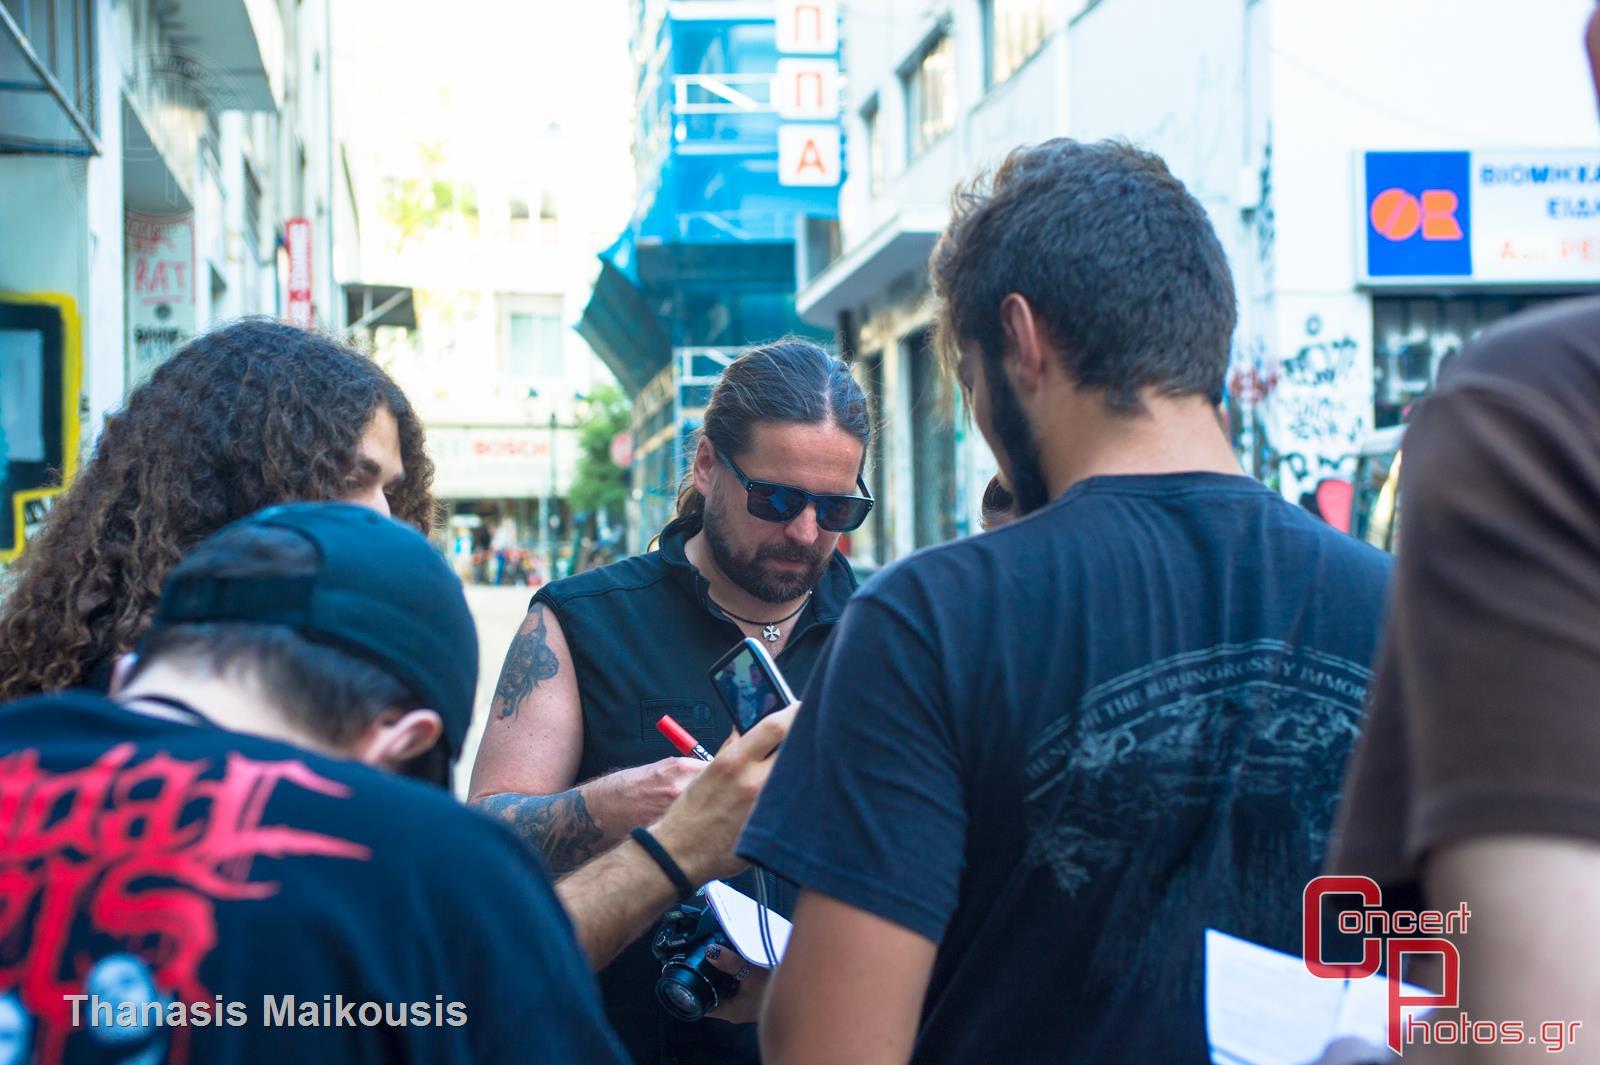 Sepultura-Sepultira photographer: Thanasis Maikousis - concertphotos_20140703_19_32_23